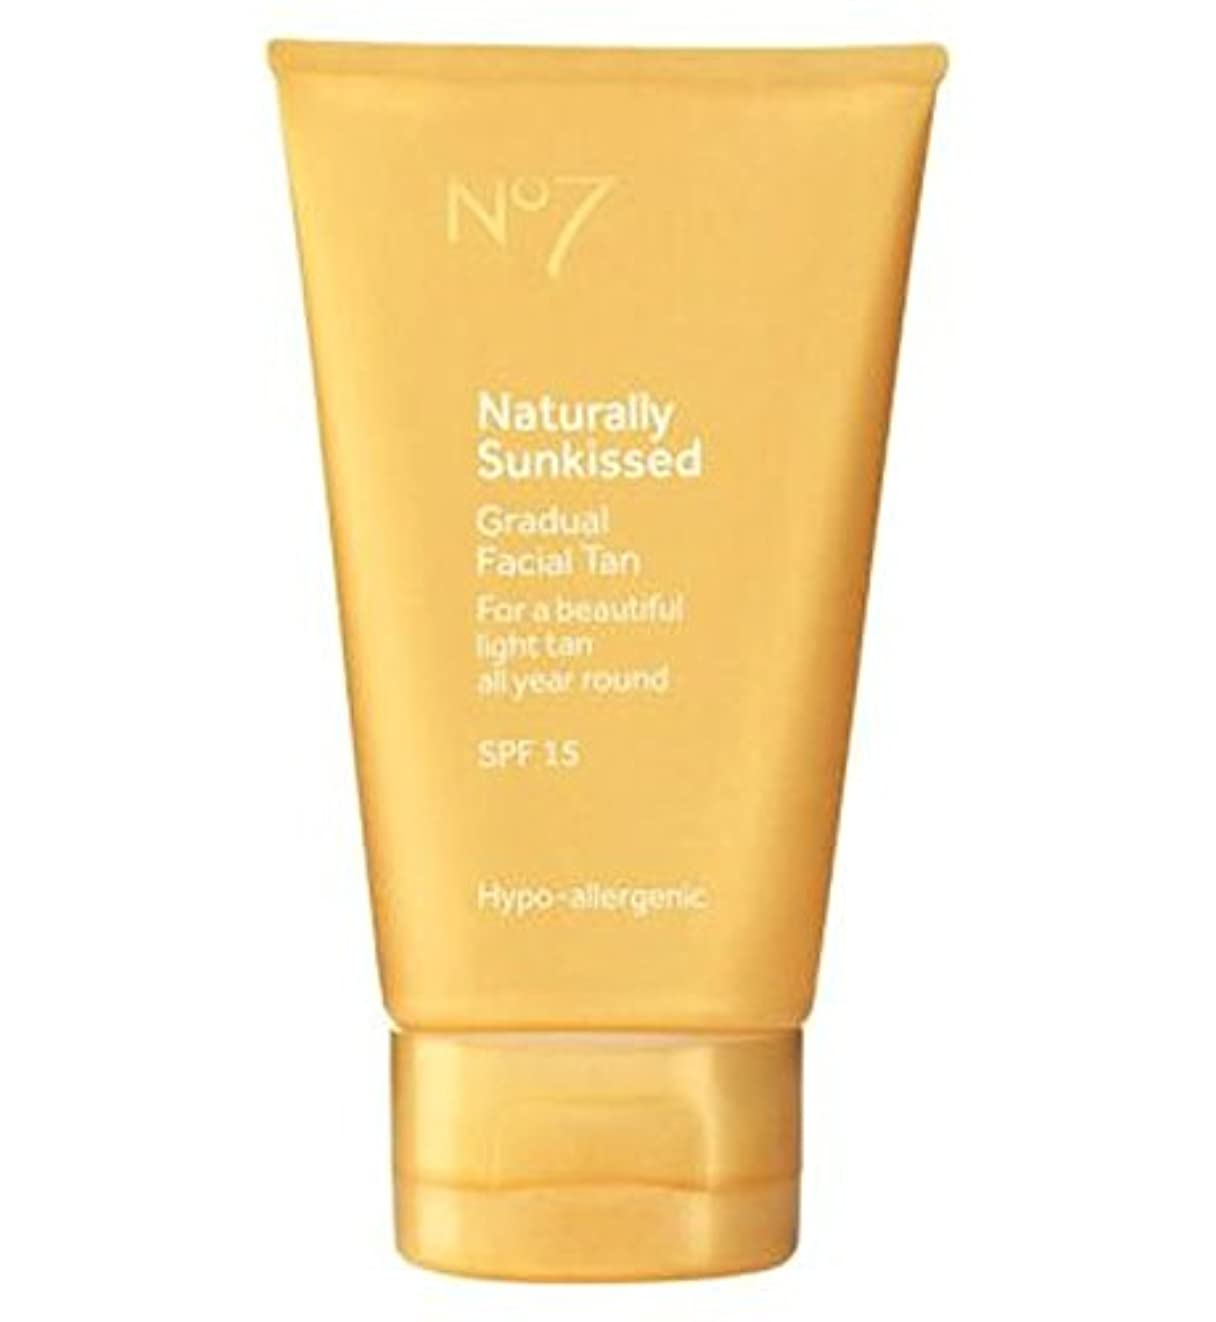 応答通常サポートNo7は自然に太陽が緩やかな顔日焼けSp15にキスをしました (No7) (x2) - No7 Naturally Sun Kissed Gradual Face Tan SP15 (Pack of 2) [並行輸入品]